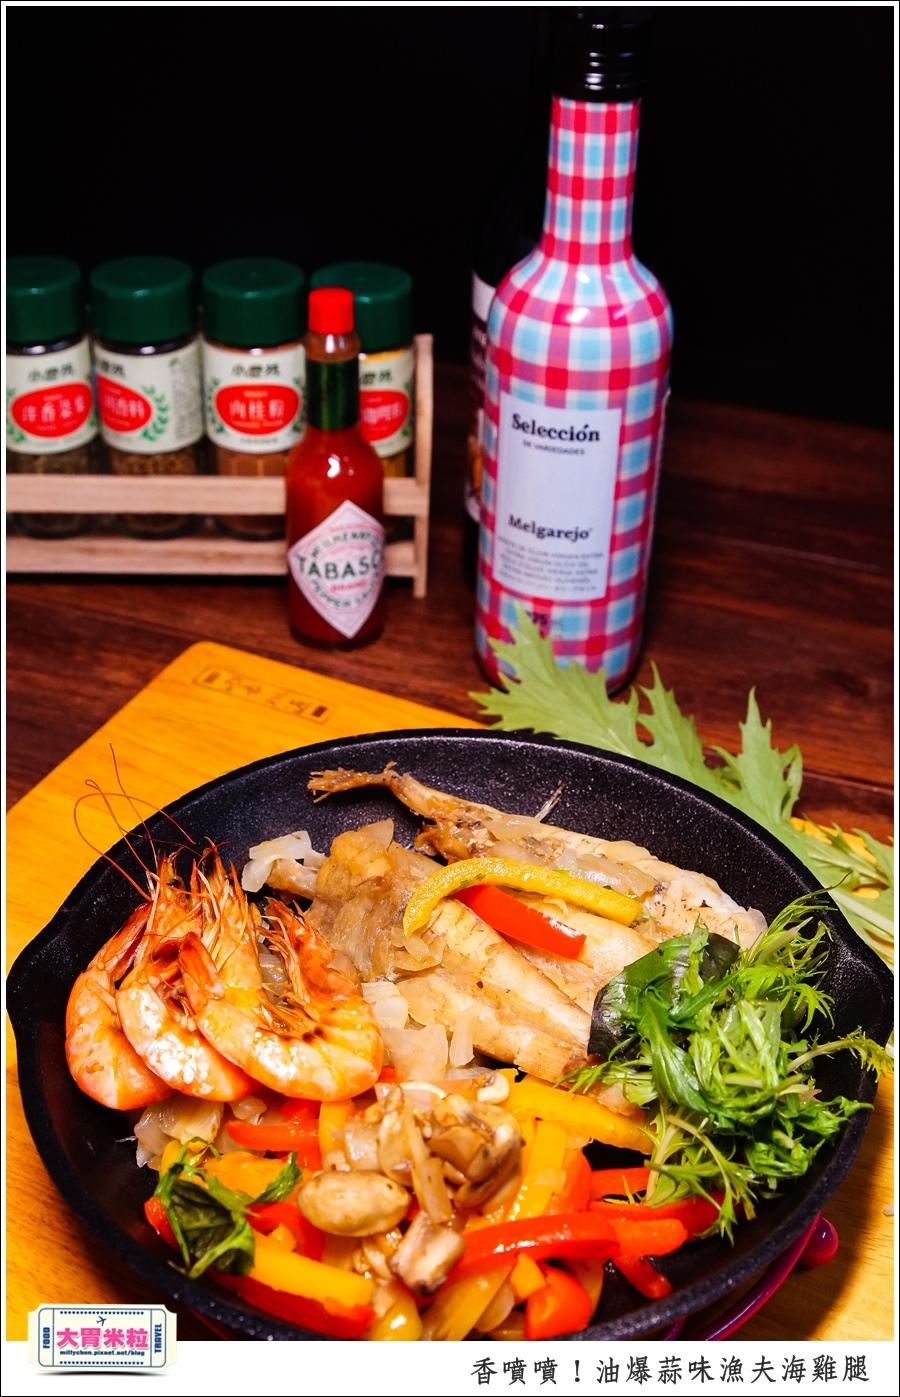 油爆蒜味漁夫海雞腿x梅爾雷赫頂級初榨橄欖油@大胃米粒0019.jpg